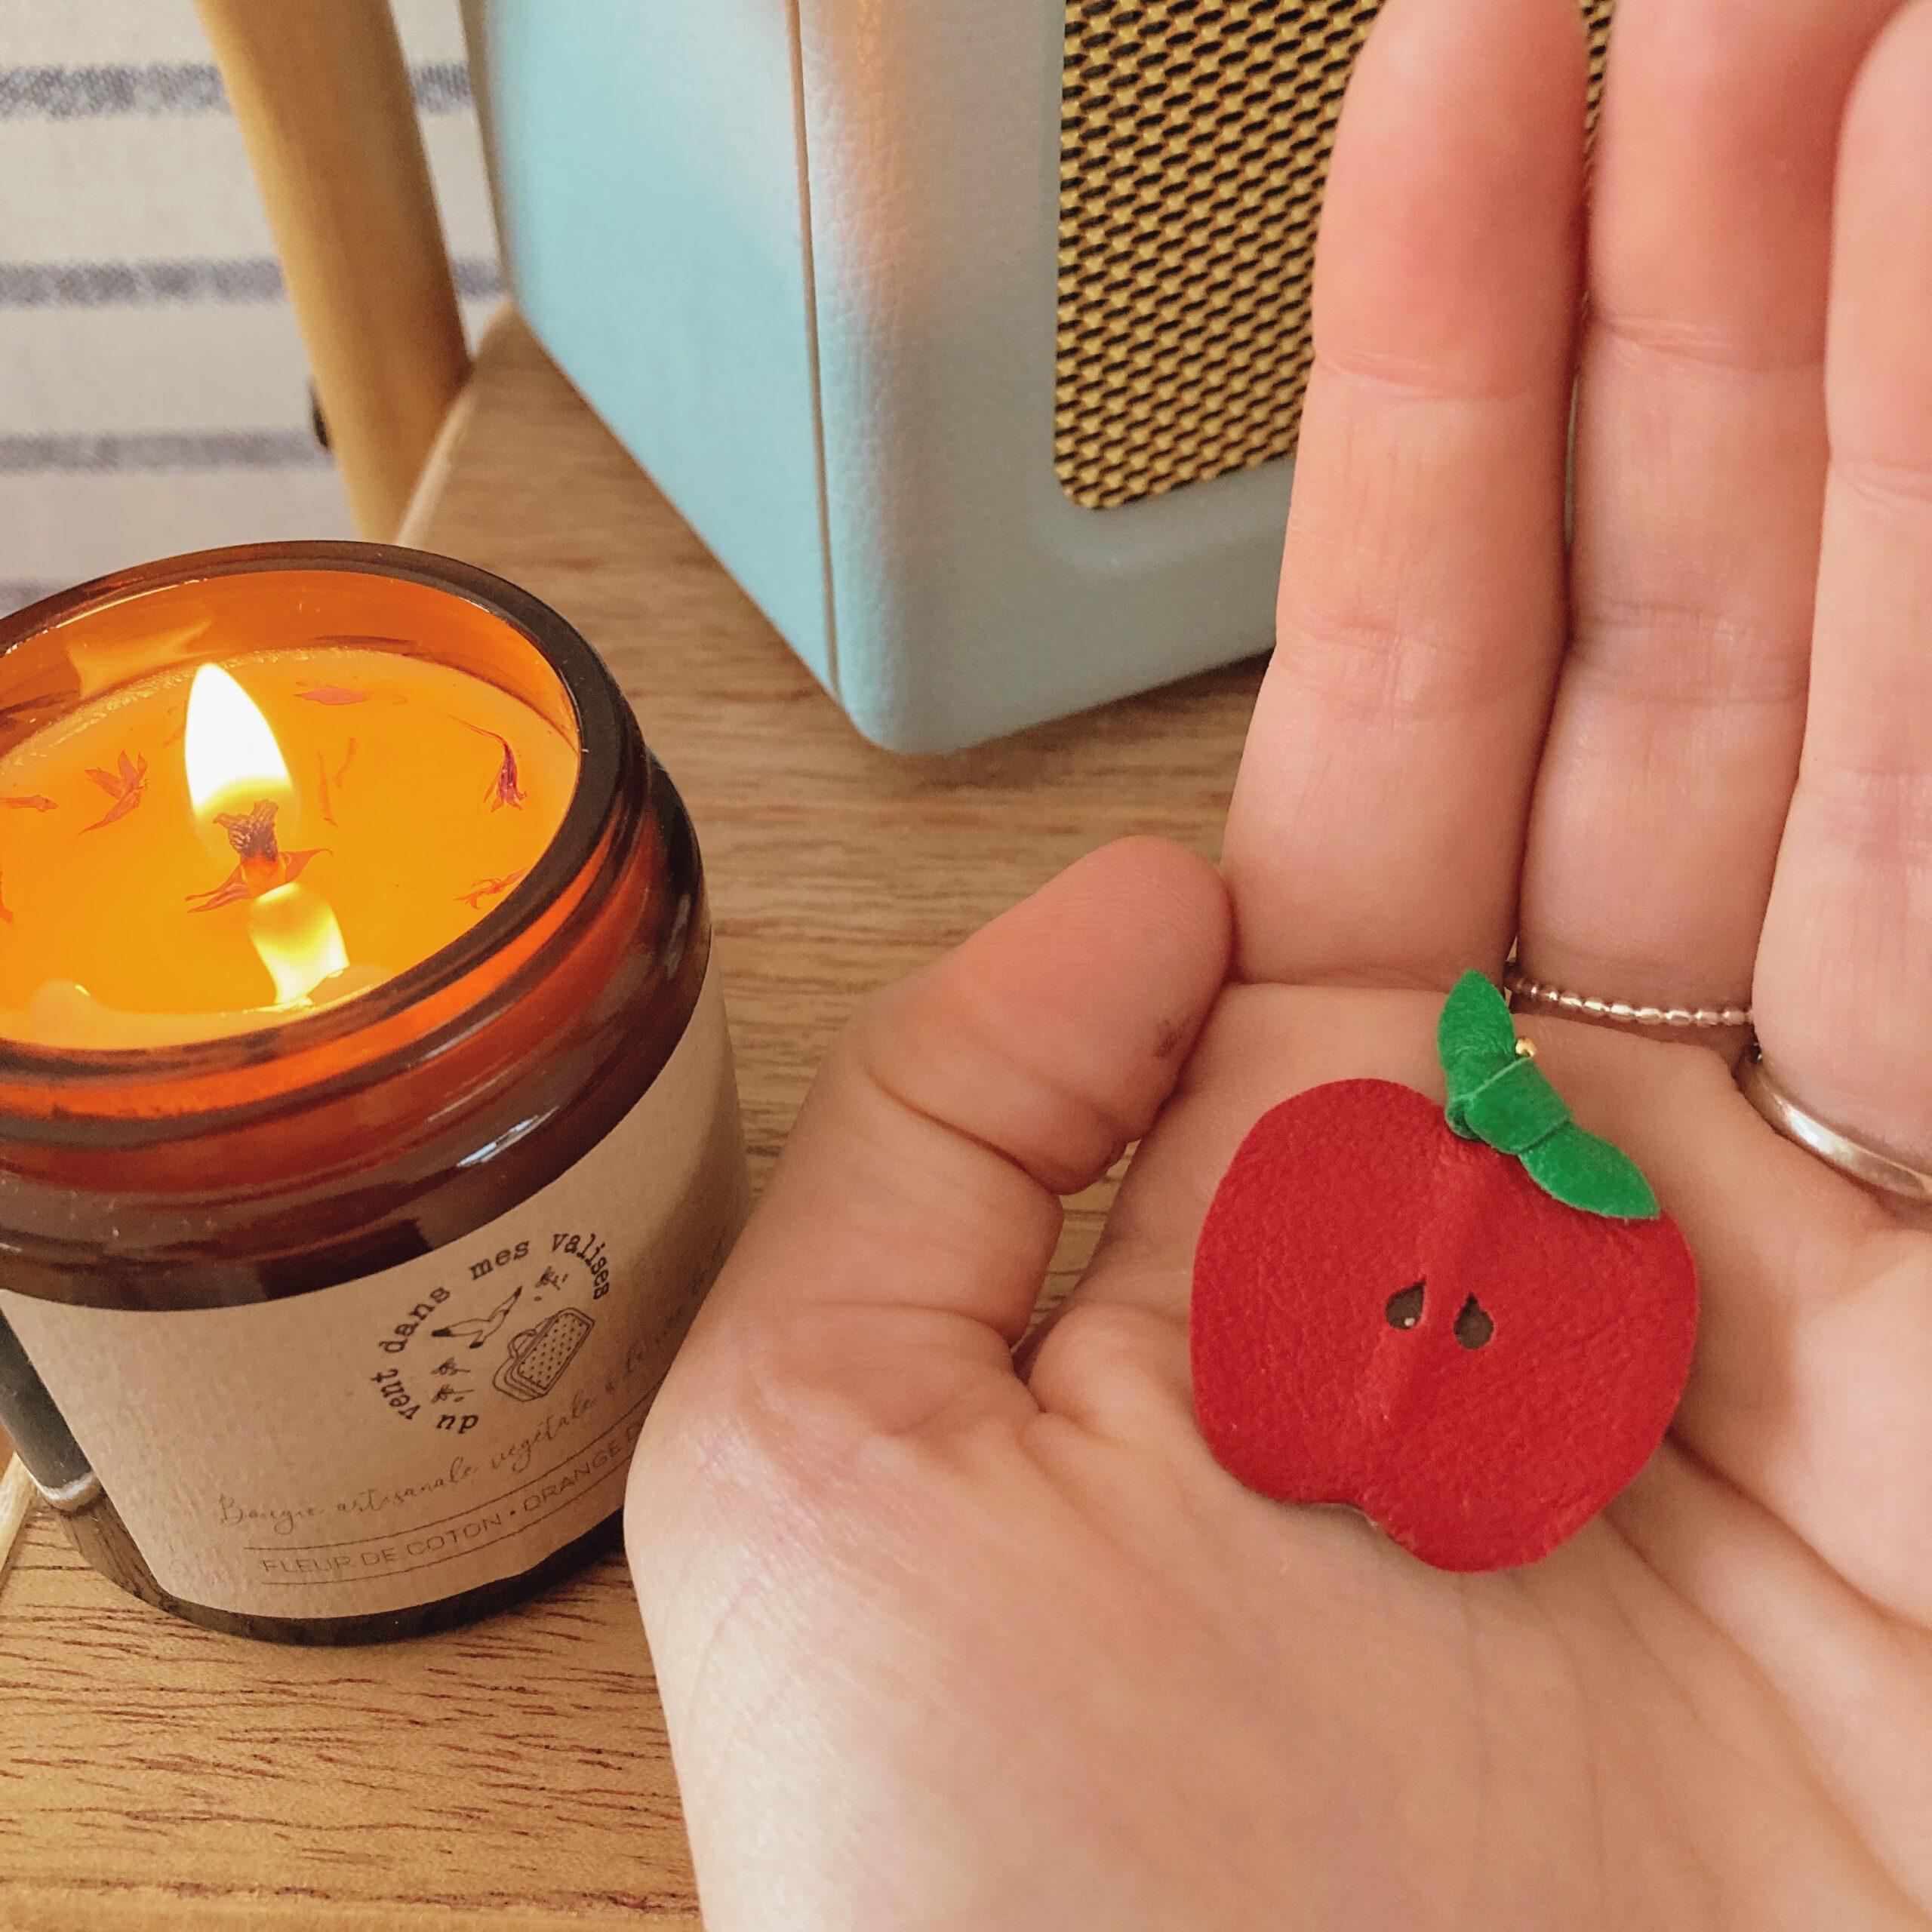 broche-pomme-rouge-a-croquer-fabrication-artisanale-francaise-du-vent-dans-mes-valises